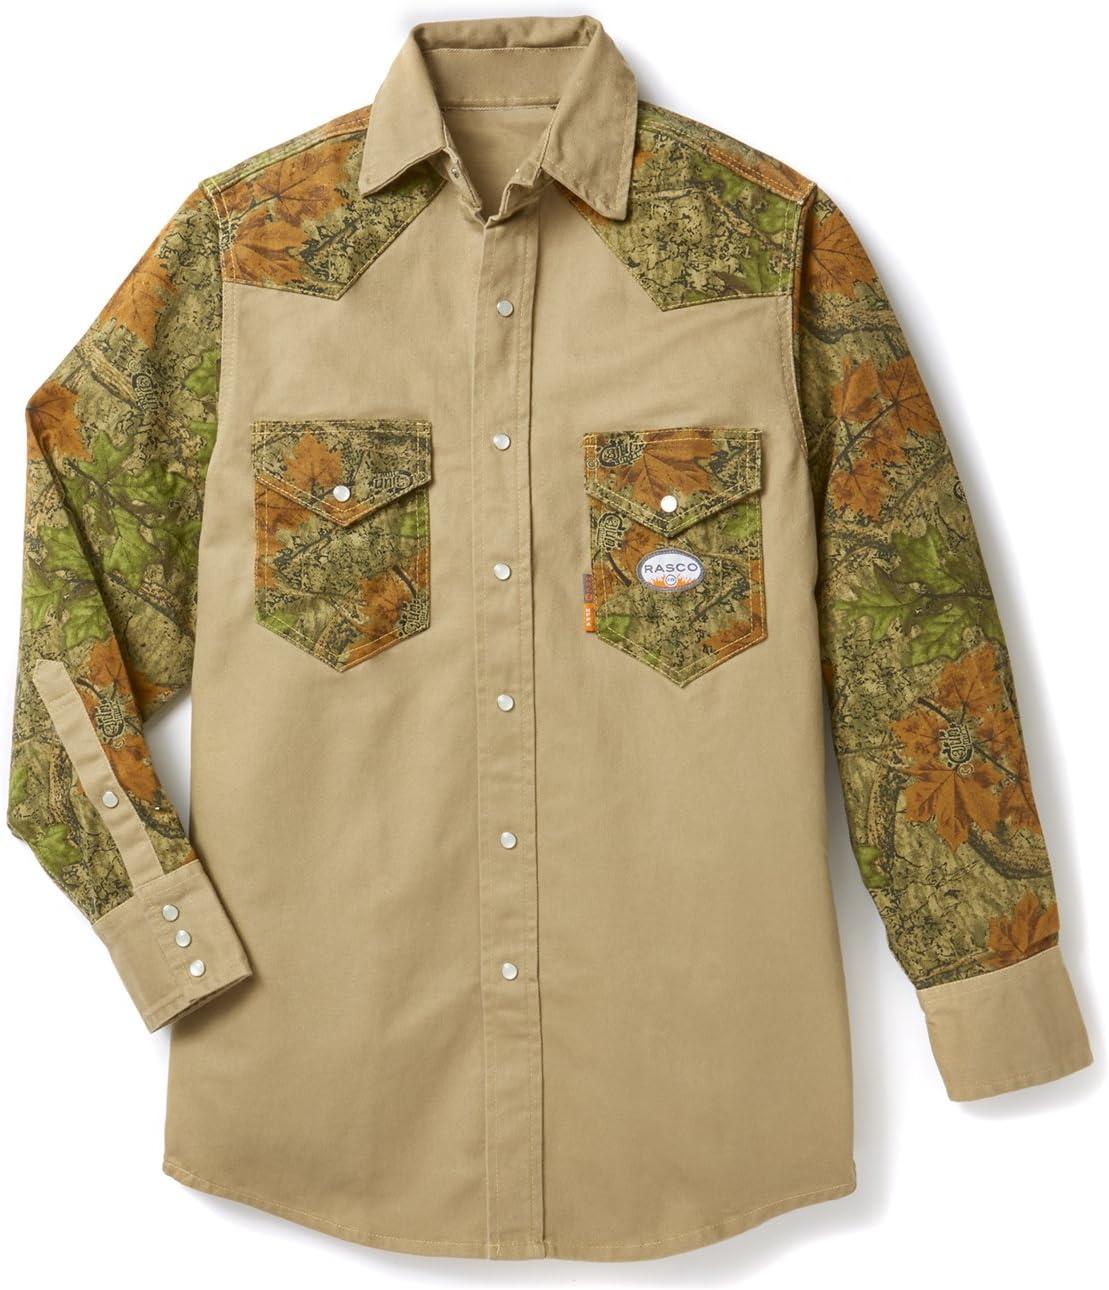 Rasco FR Khaki Uniform Shirt